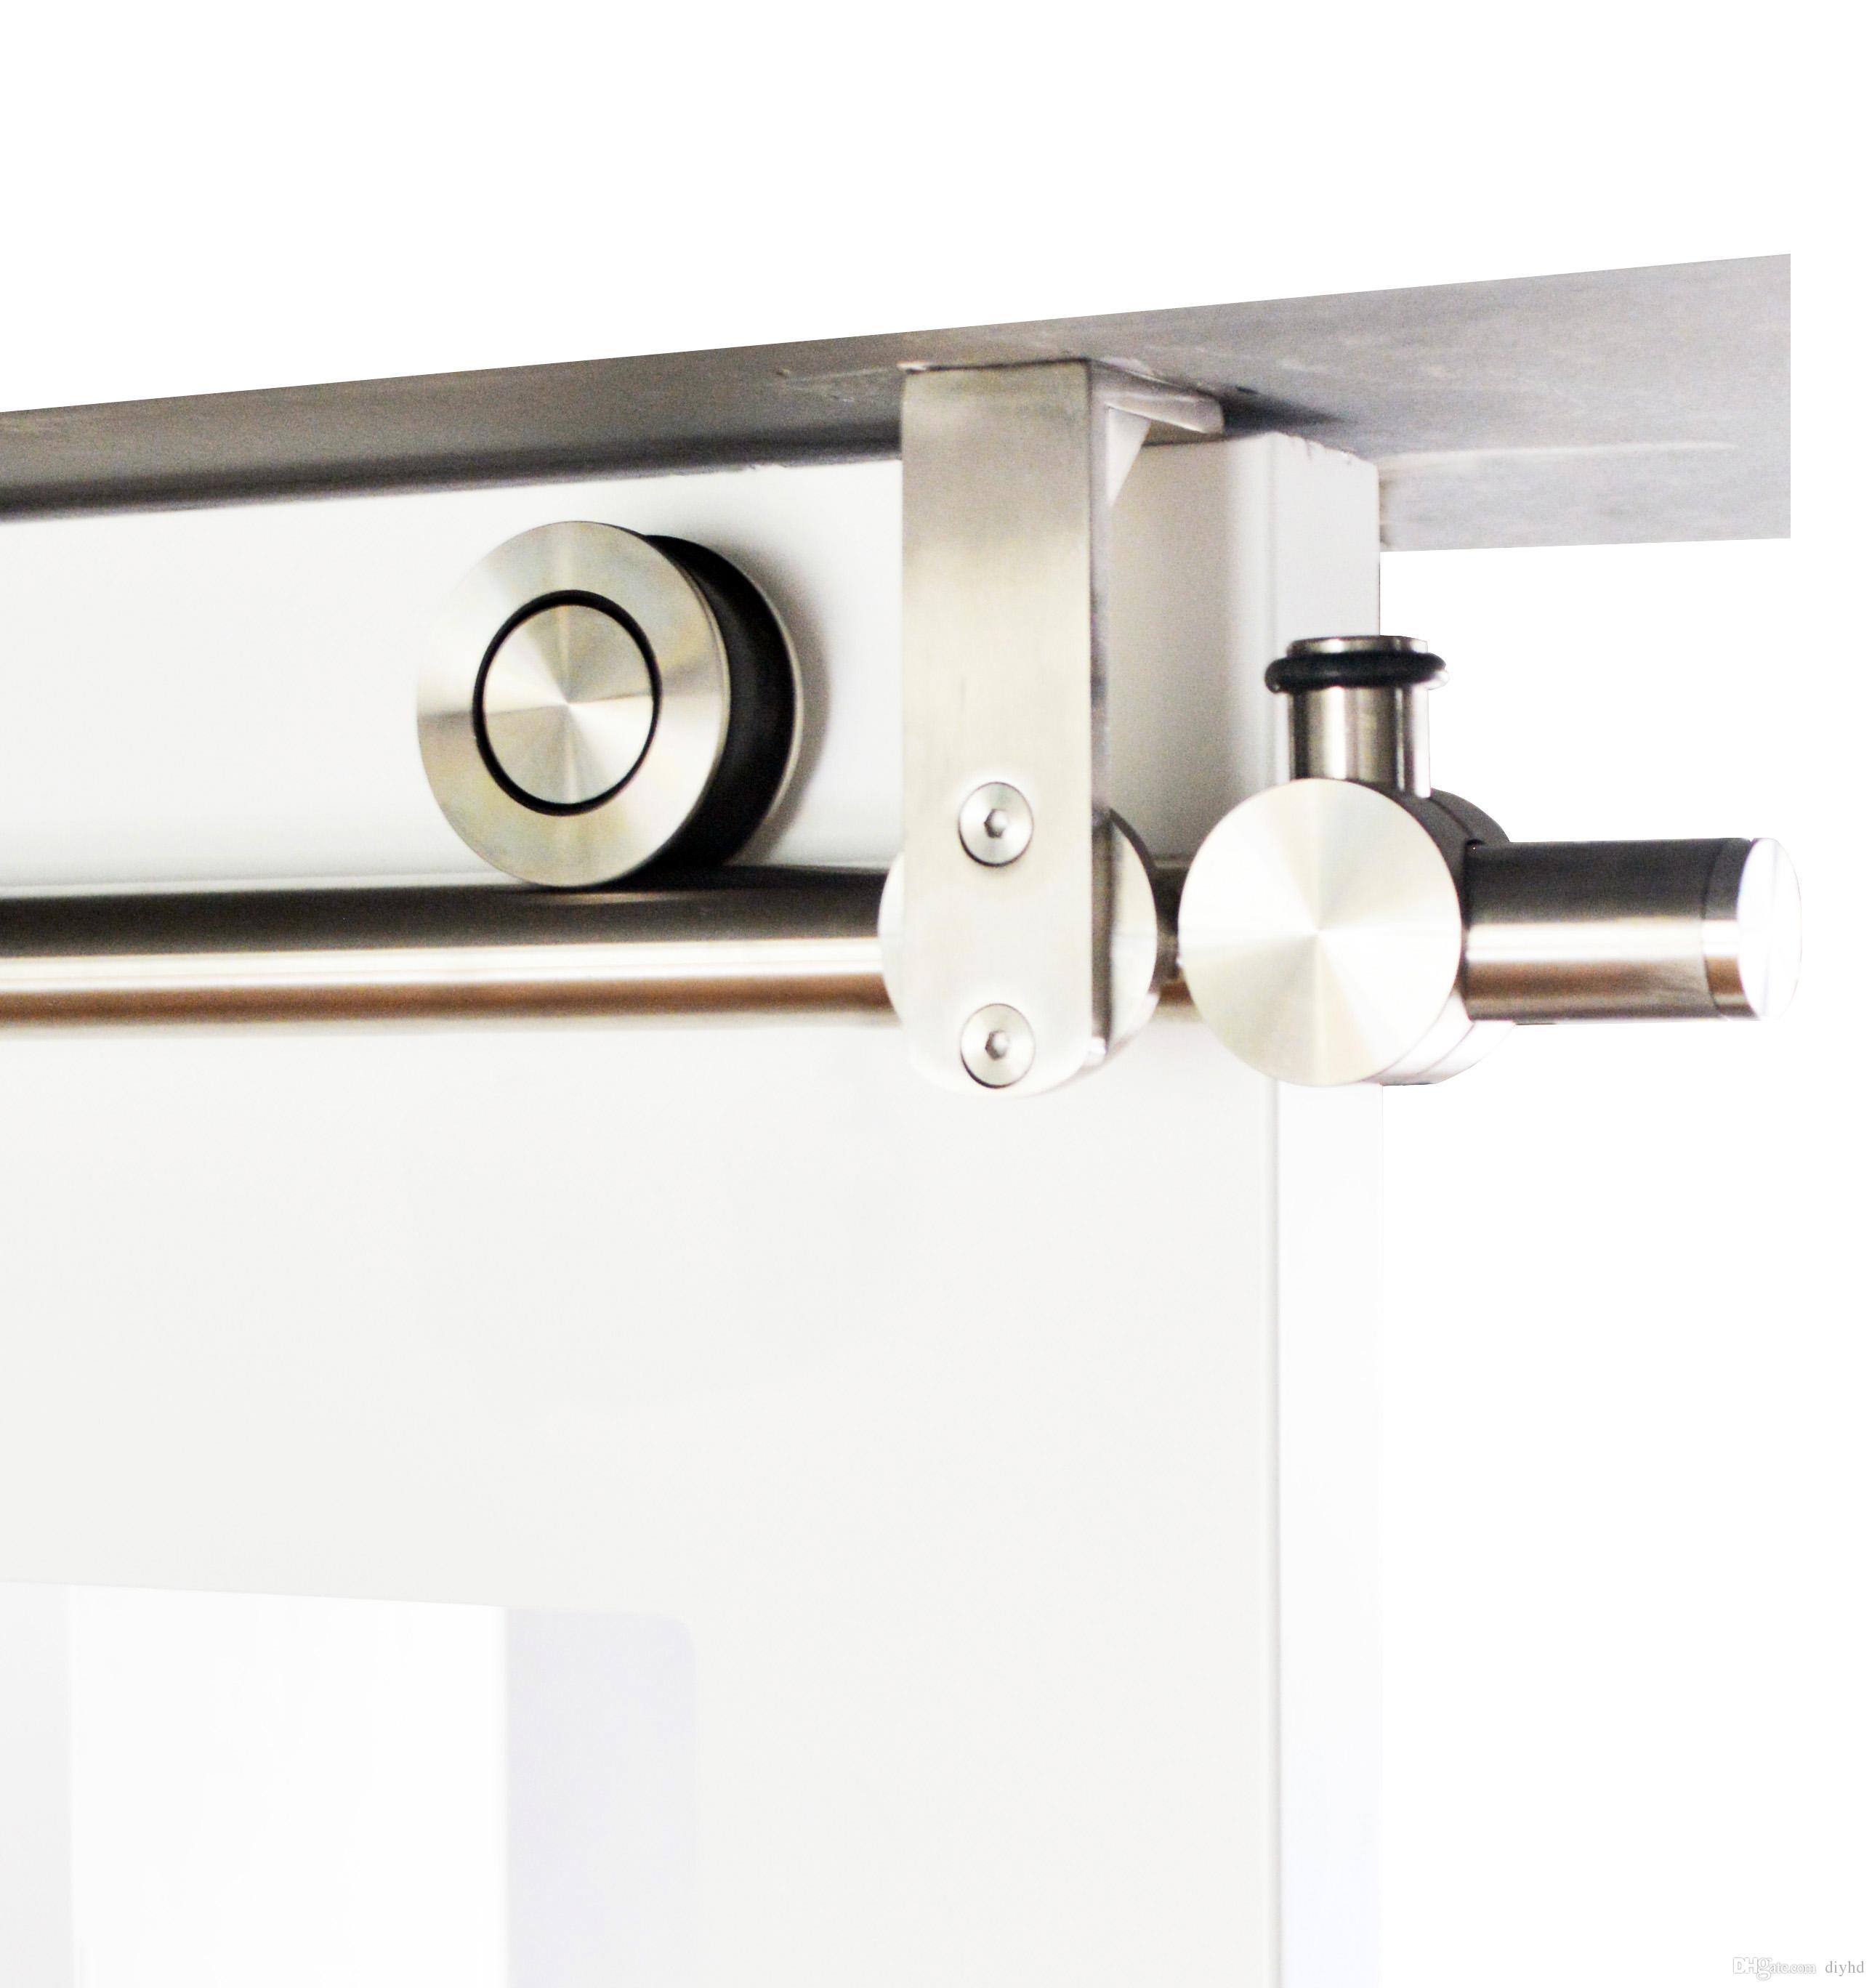 UK Double Door Sliding Barn Door Hardware Kit Door Hanging Rail 8FT 10FT 12FT